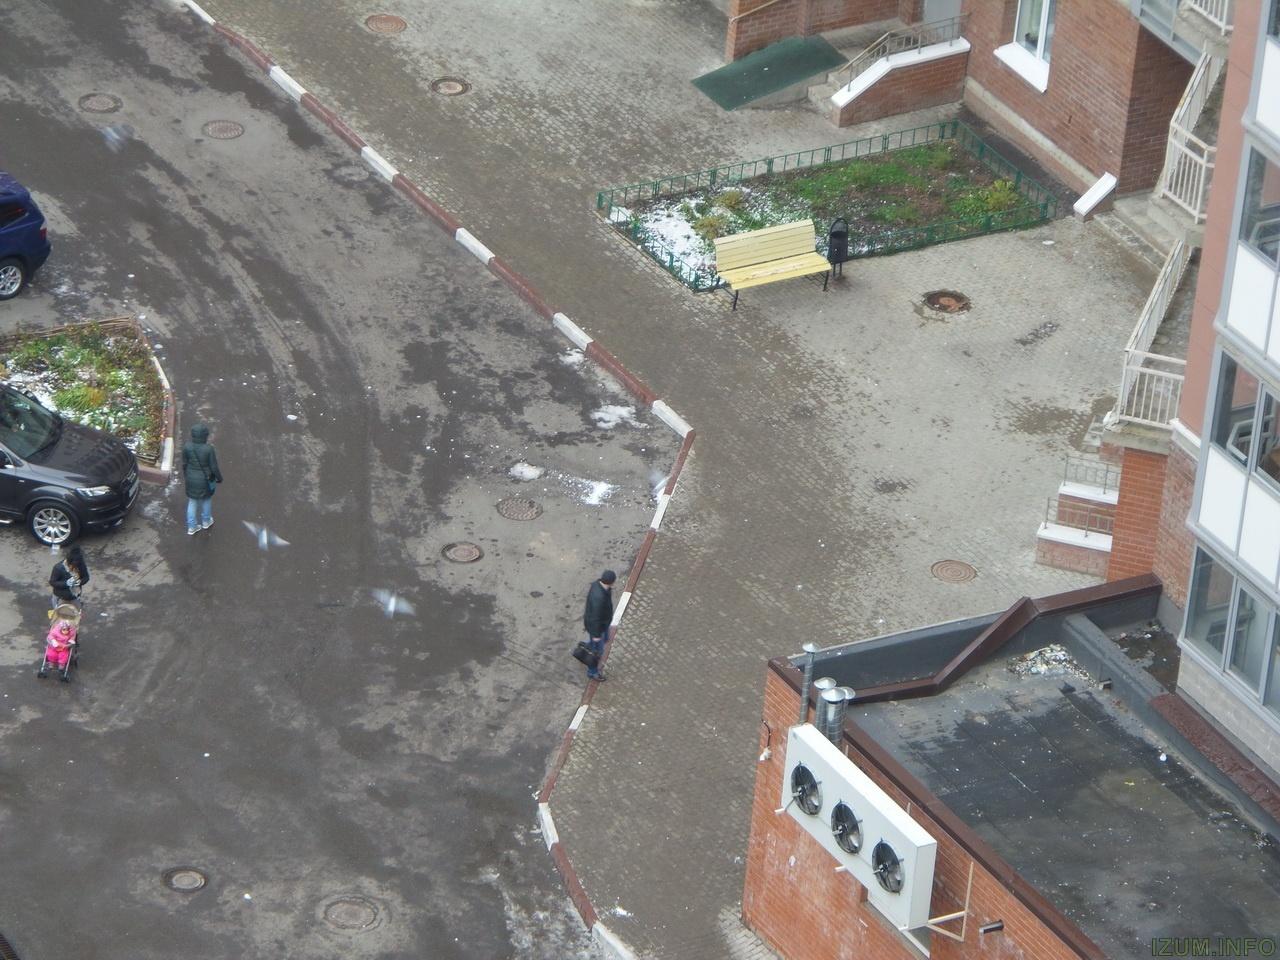 Изумрудные холмы лёд падает с крыш на тротуары (10)_новый размер.jpg